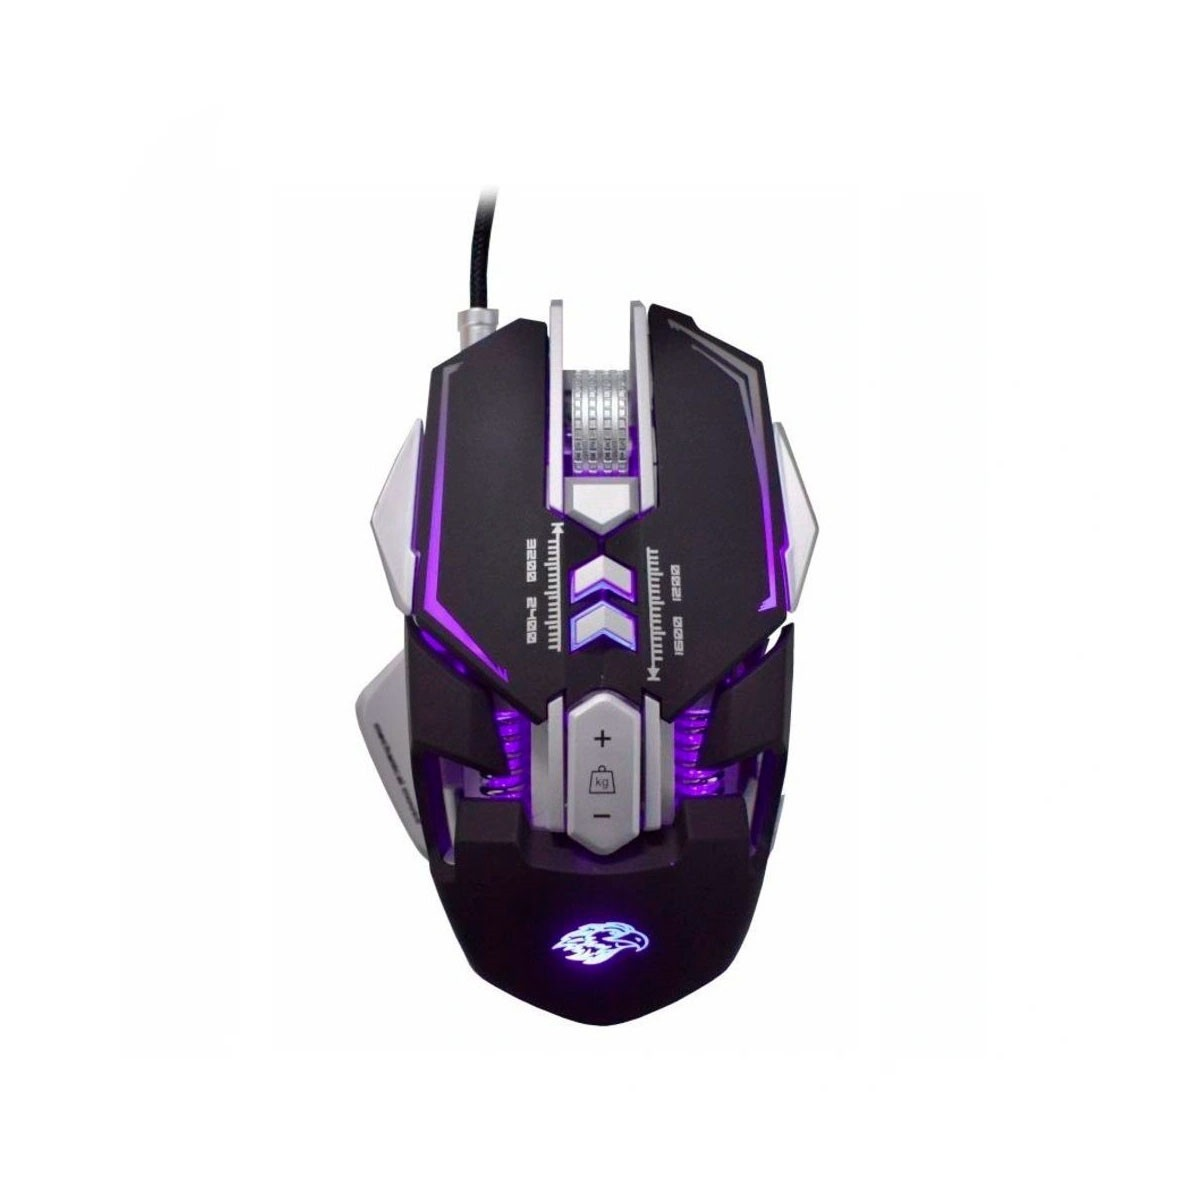 Mouse Gamer Mecânico, DPI 3200 e MousePad K-Mex - MO-D837